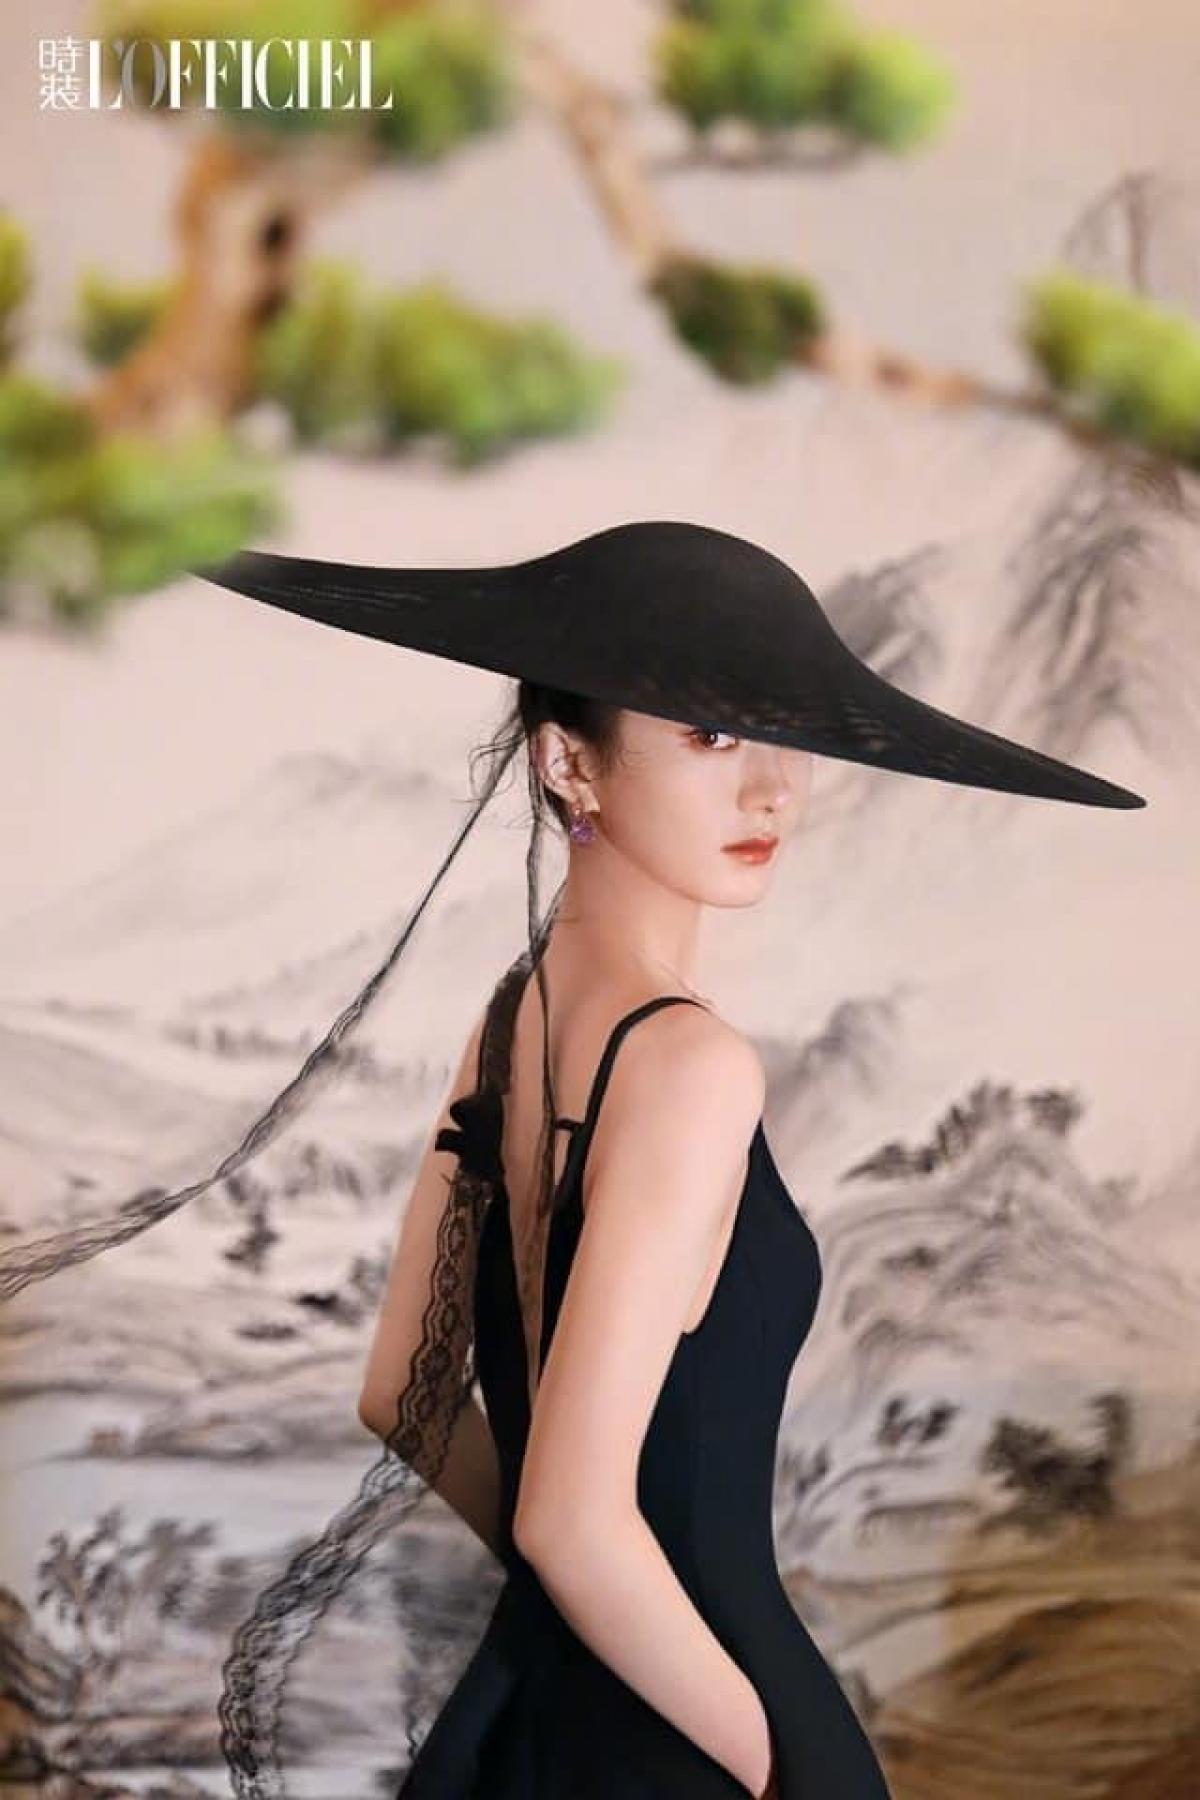 """Nữ diễn viên """"Minh Lan Truyện"""" khoe sắc kiêu sa trong loạt ảnh mang phong cách cổ phong.Bộ ảnh được thực hiện bởi nhiếp ảnh gia nổi tiếng Trần Mạn."""